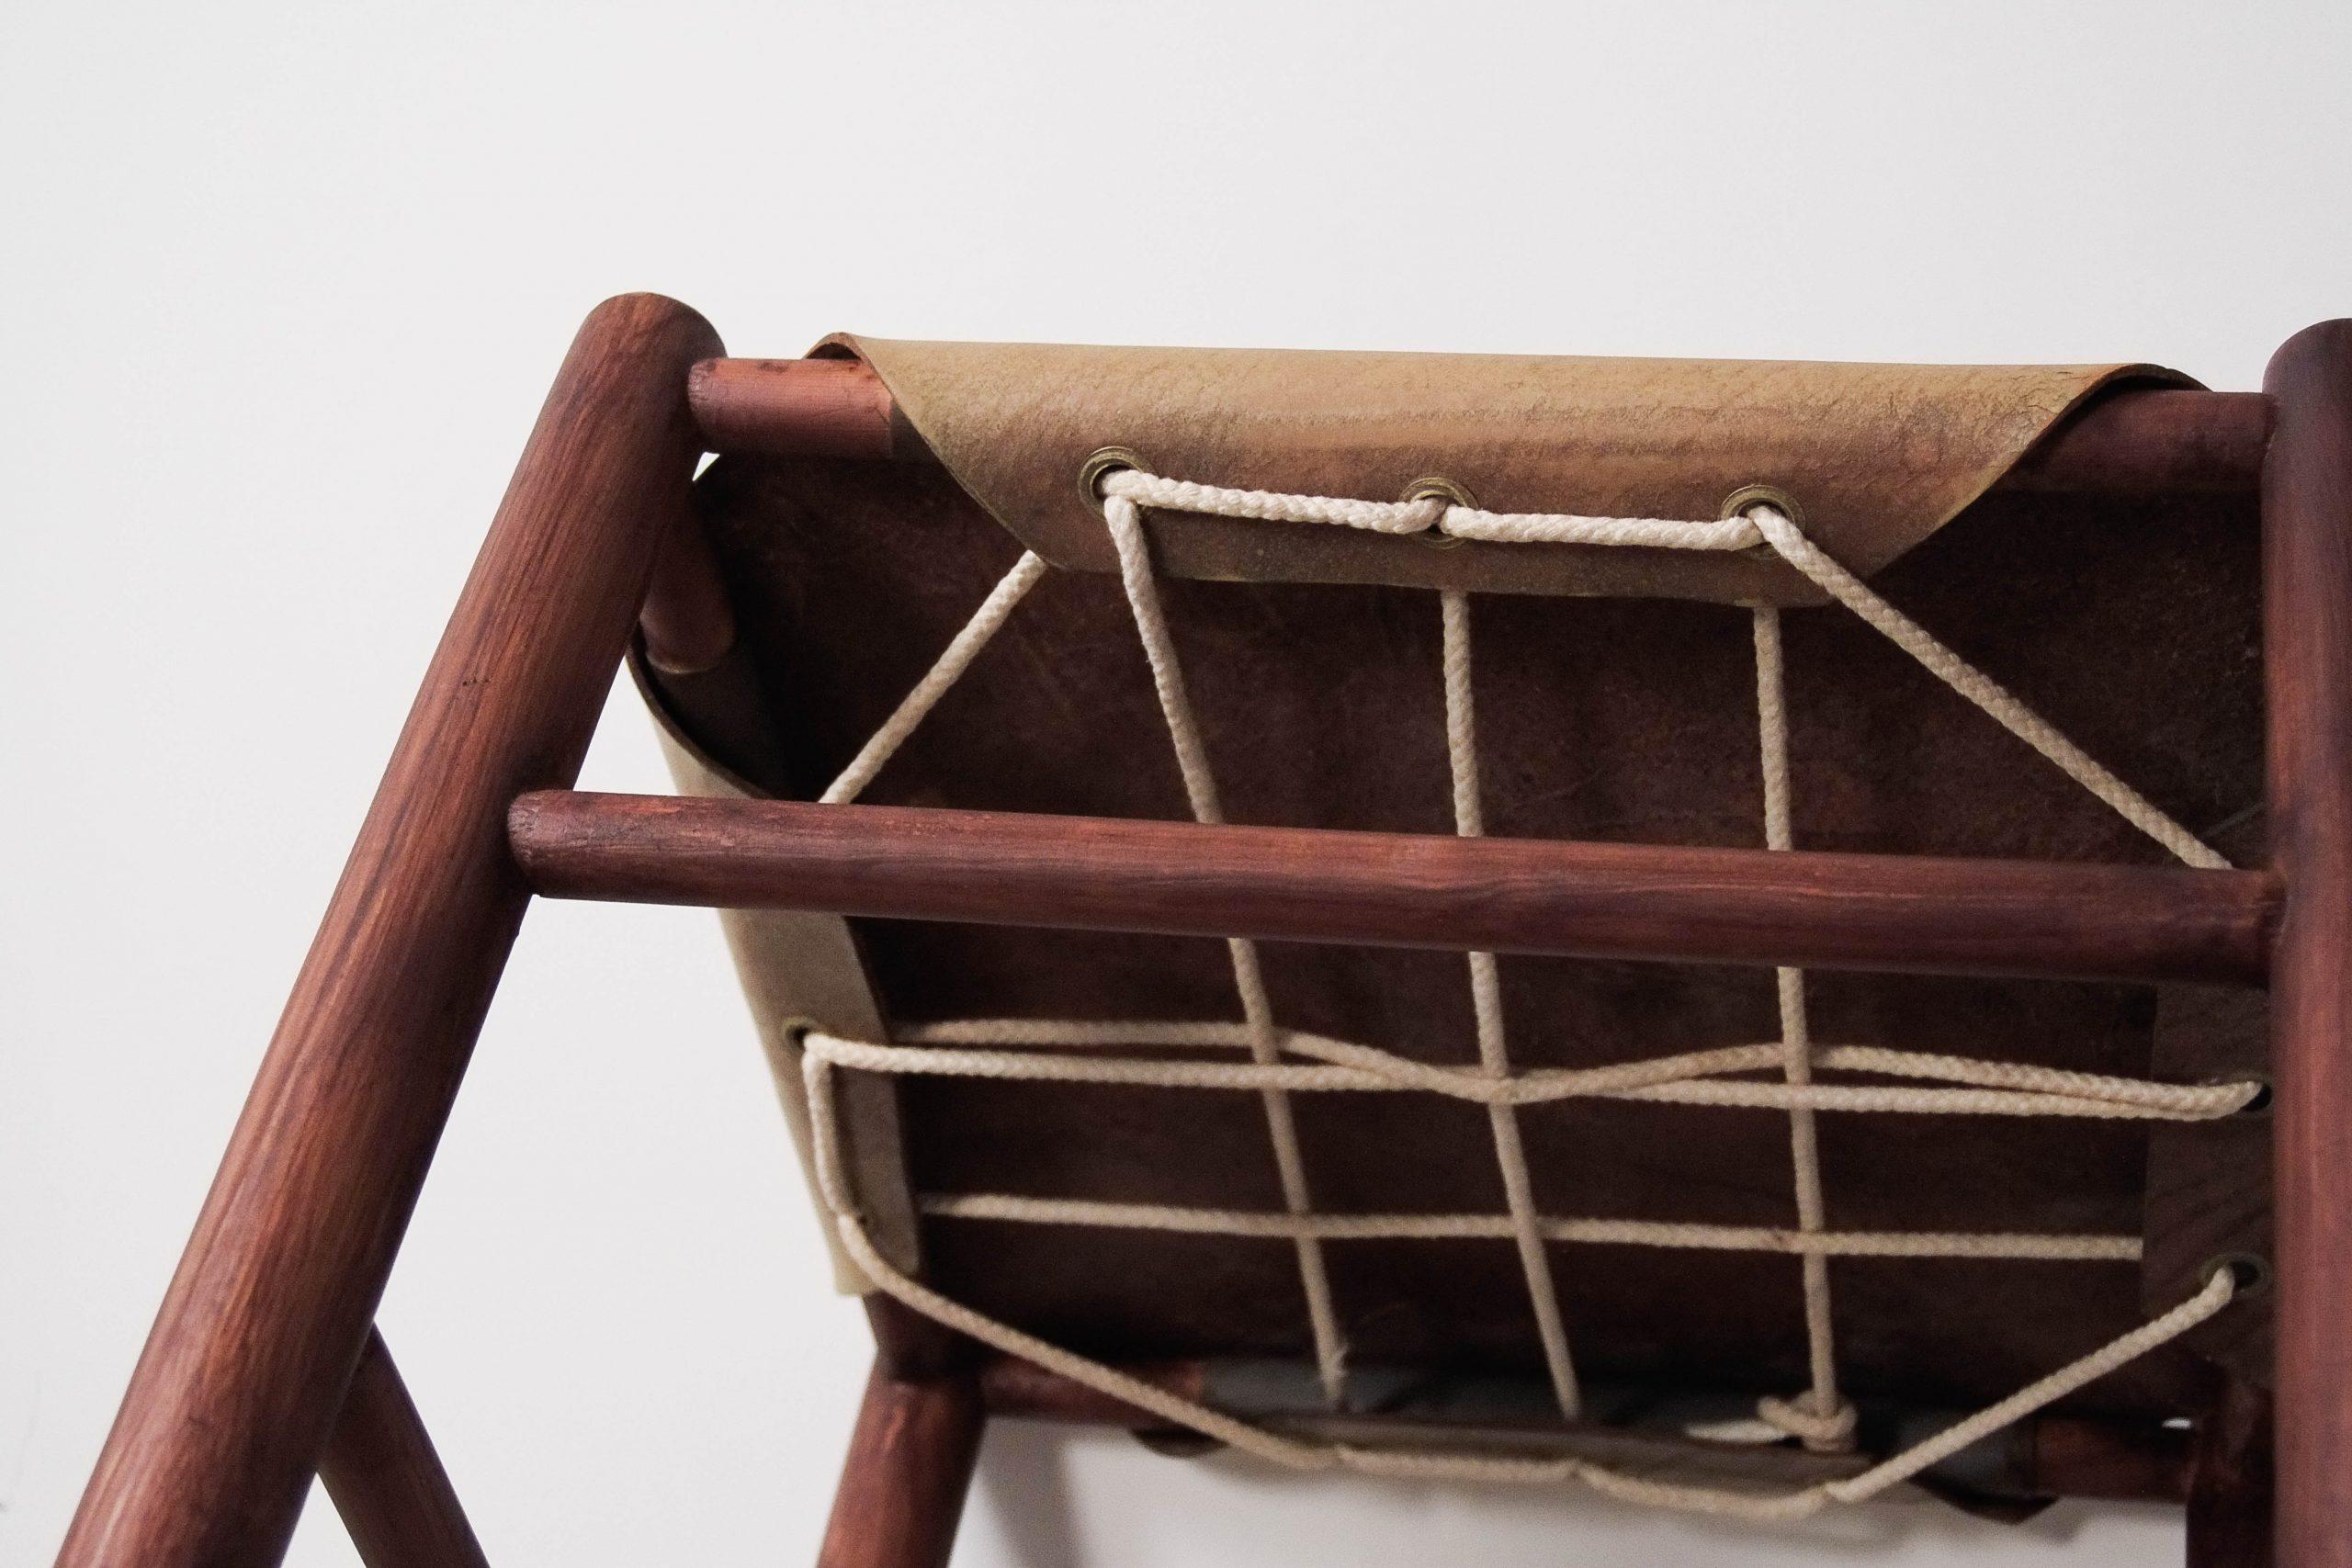 detalle trenzado hecho a mano tensado piel tensada silla ate von vintage